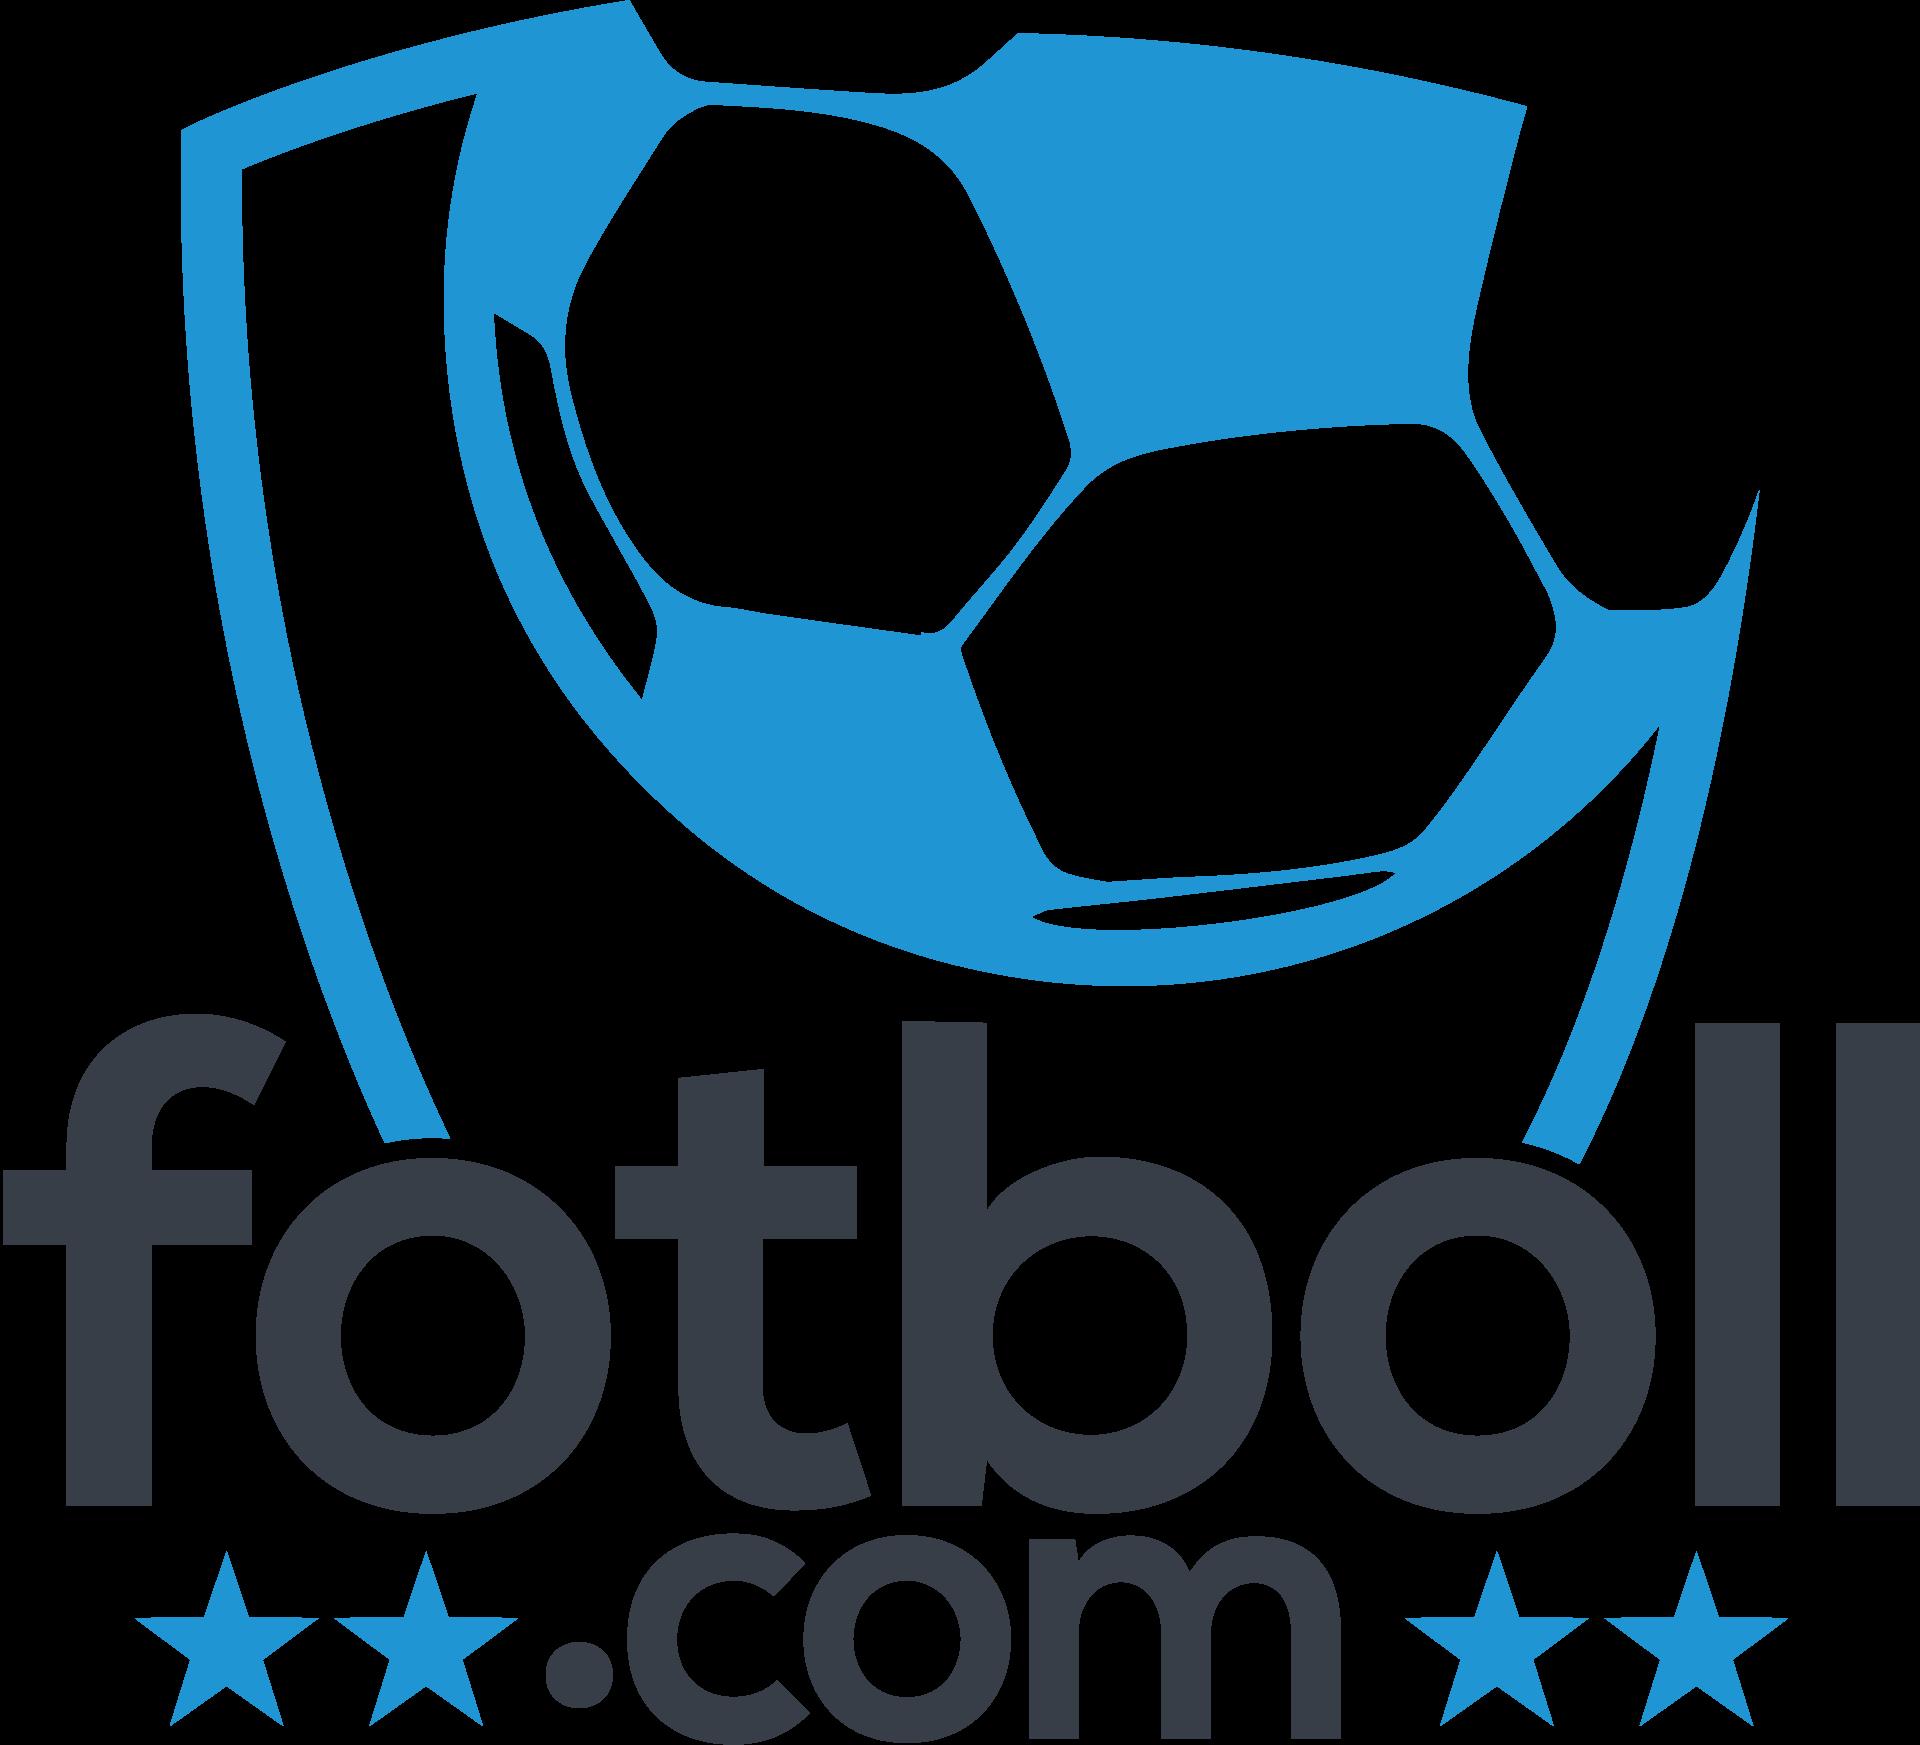 fotboll.com logo